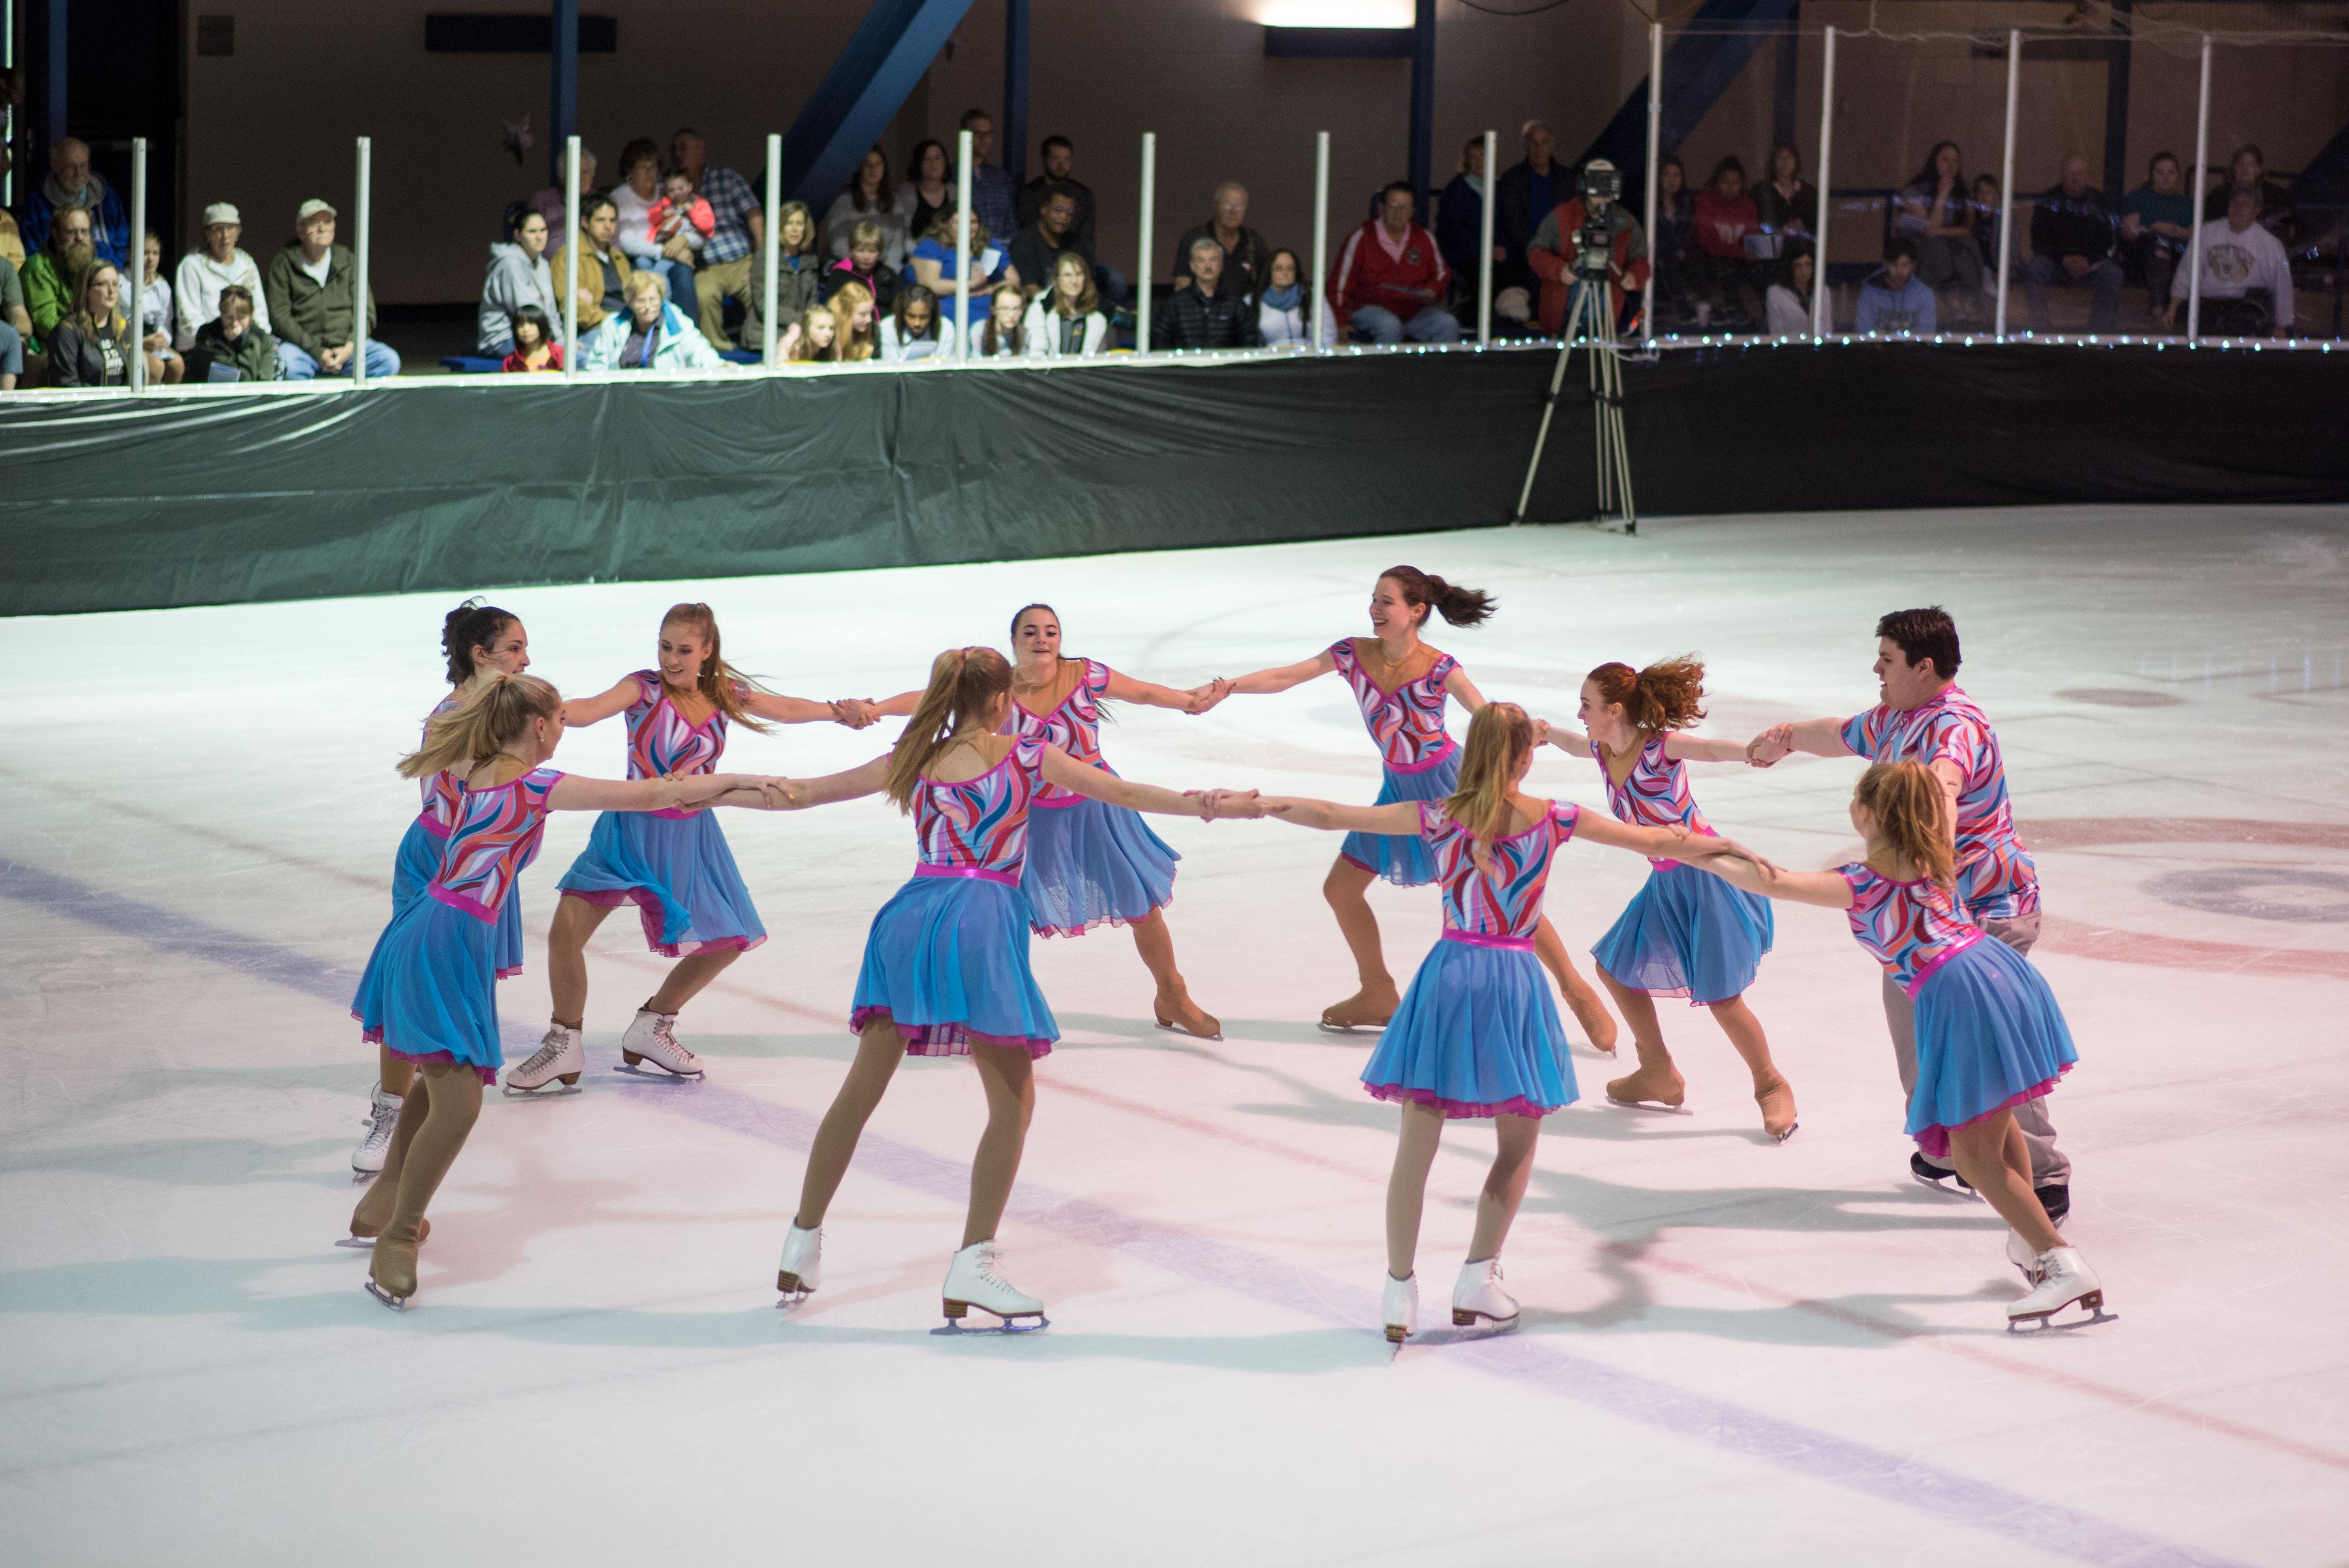 synchro skating